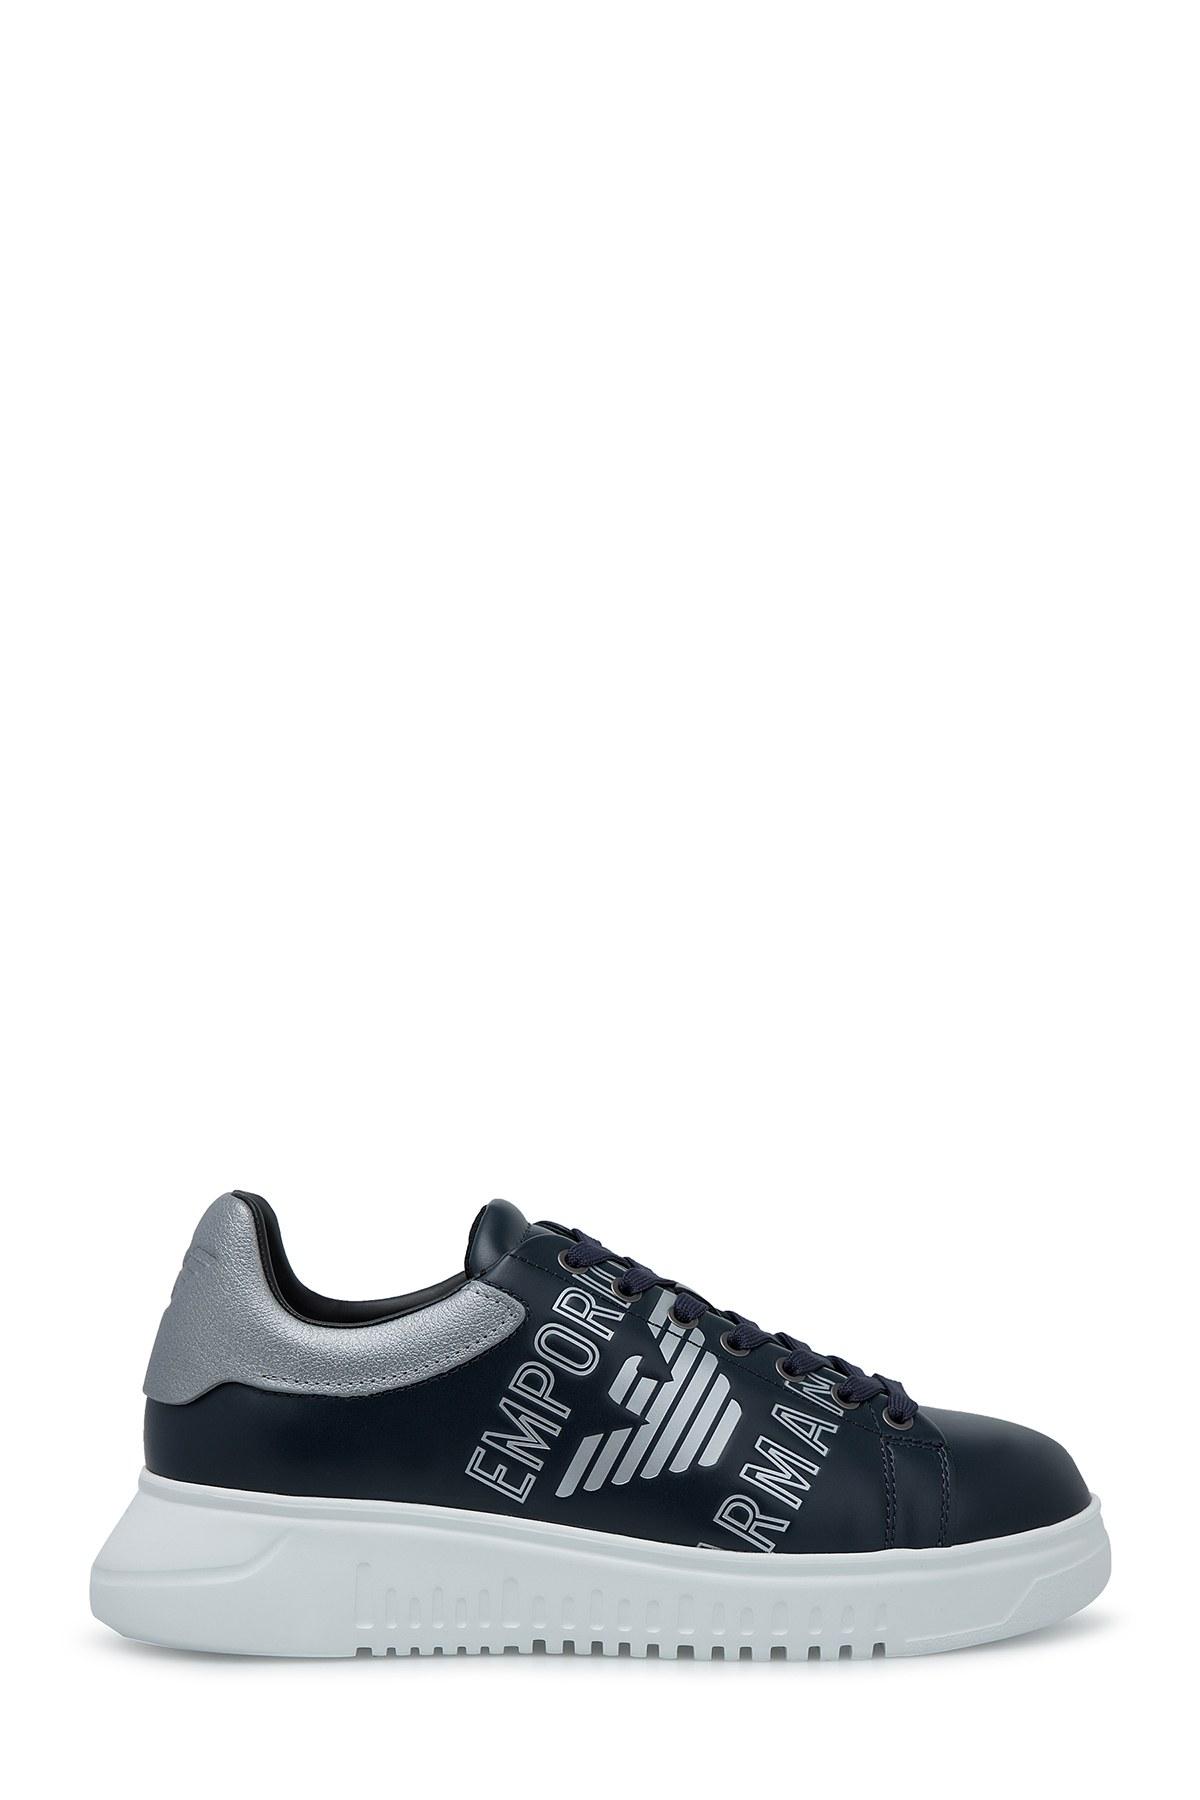 Emporio Armani Erkek Ayakkabı S X4X264 XM041 B945 LACİVERT